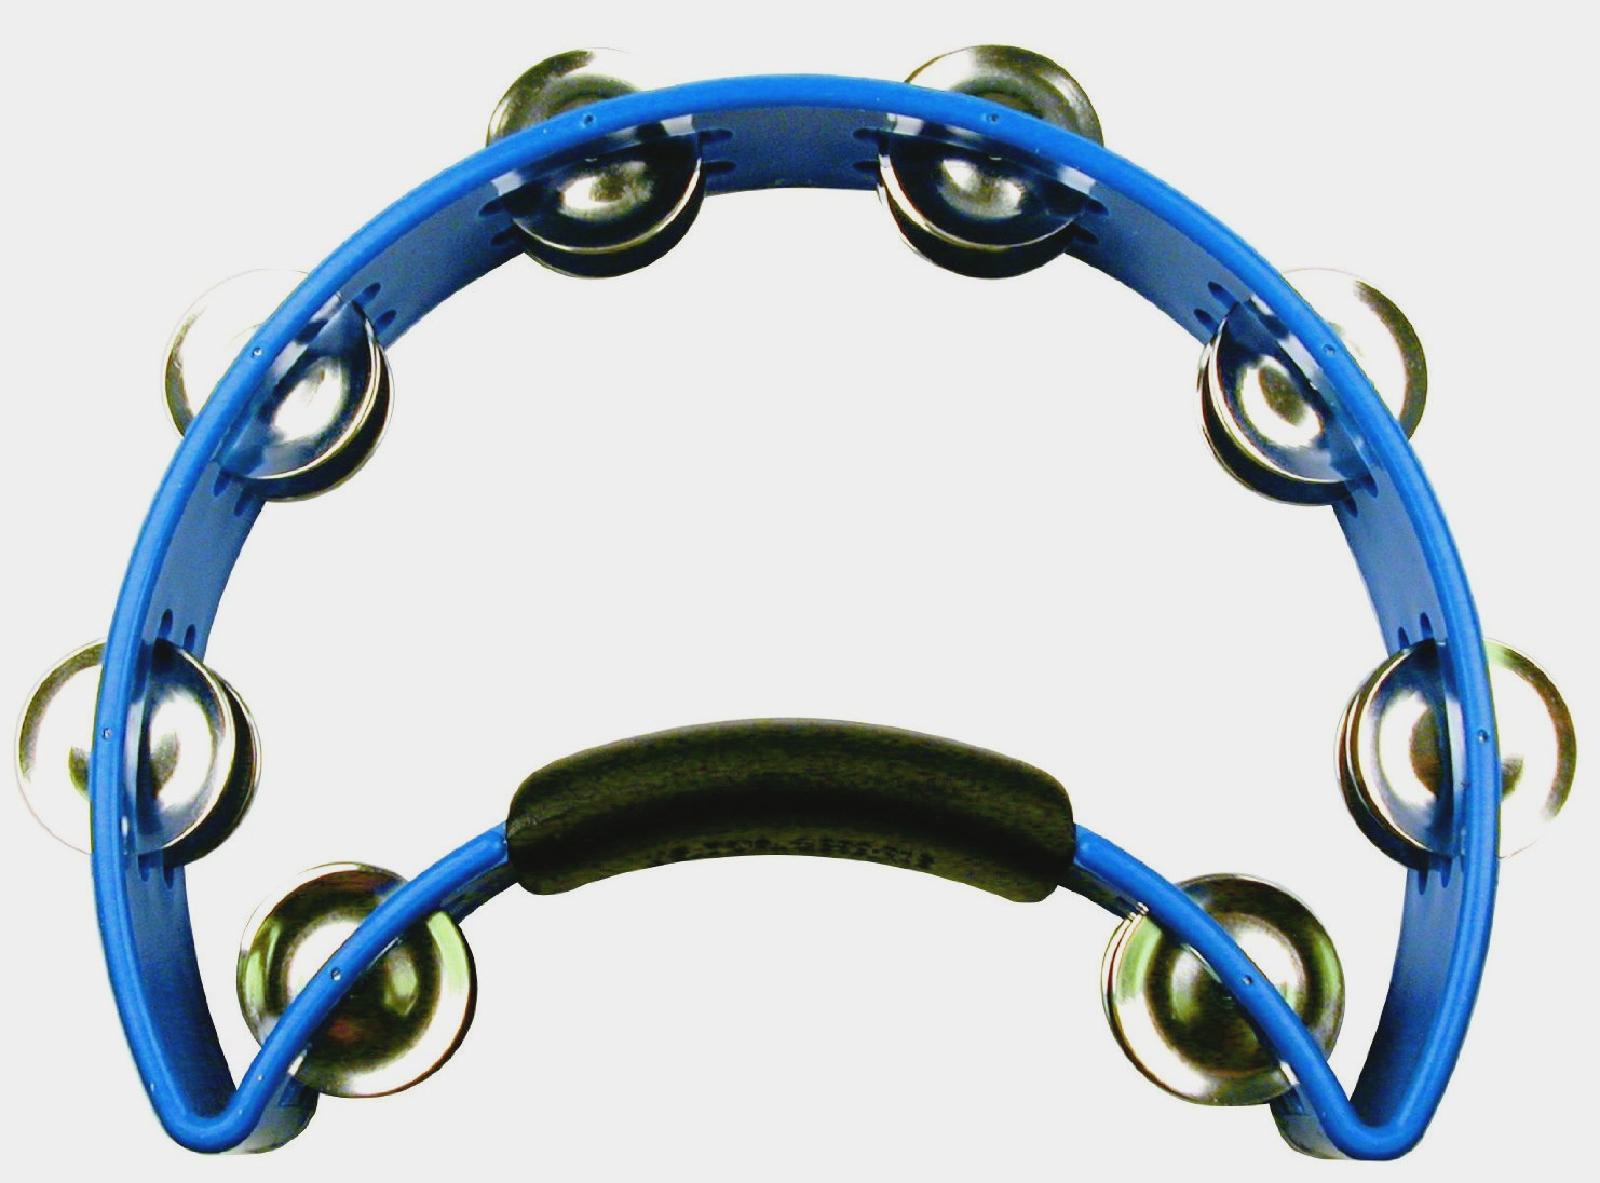 Blue Nickel Tambourine with Nickel Steel Jingles